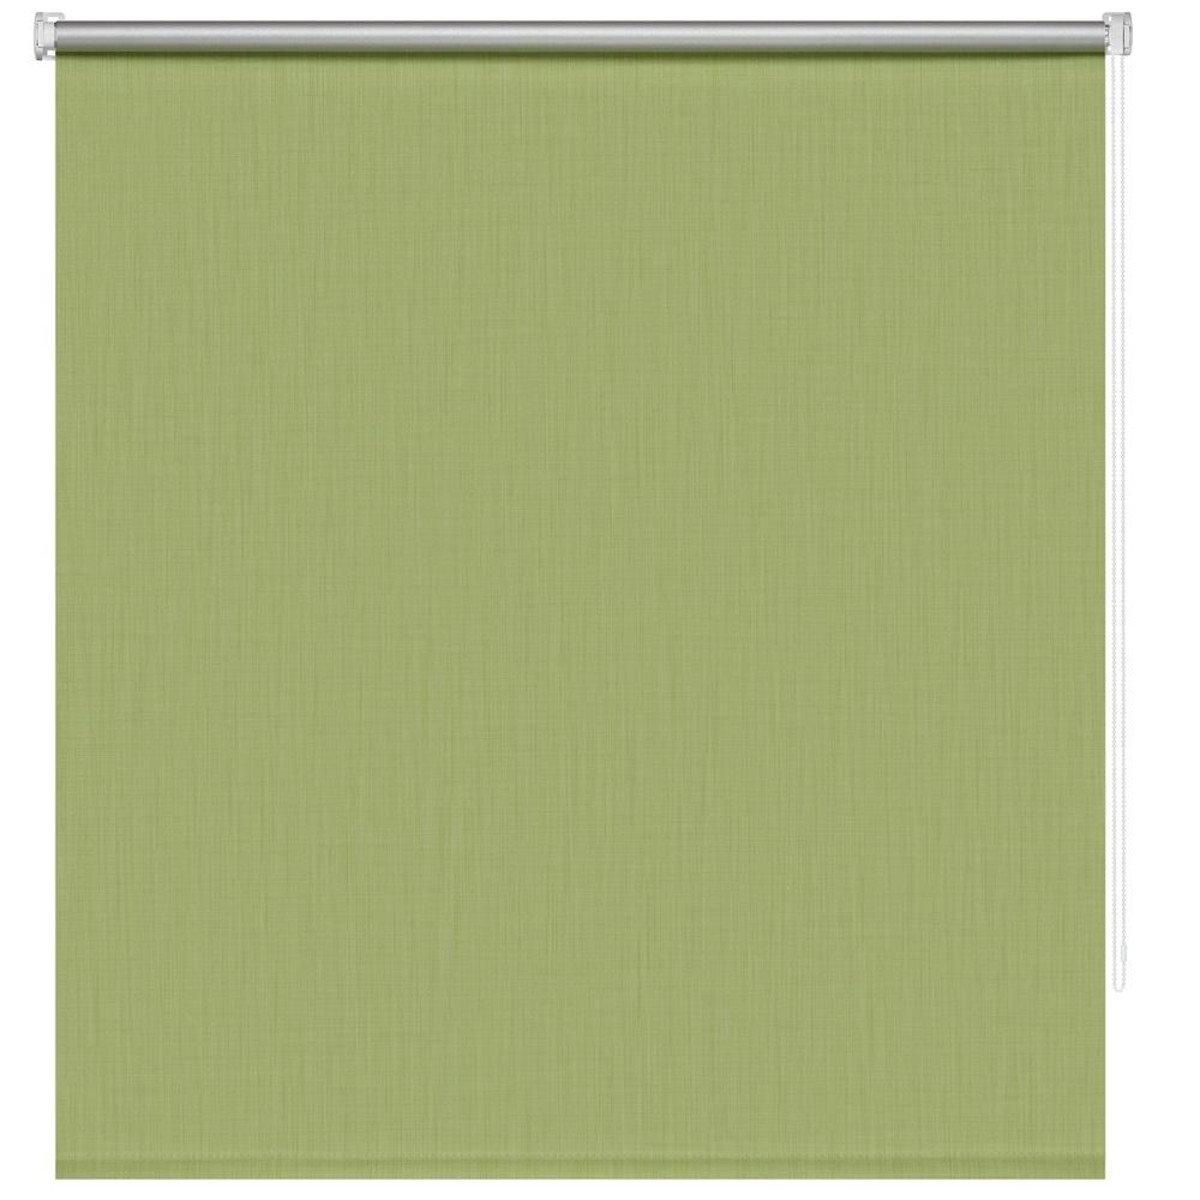 Рулонная Ора Decofest Блэкаут Селия 100Х160 Цвет Зеленый